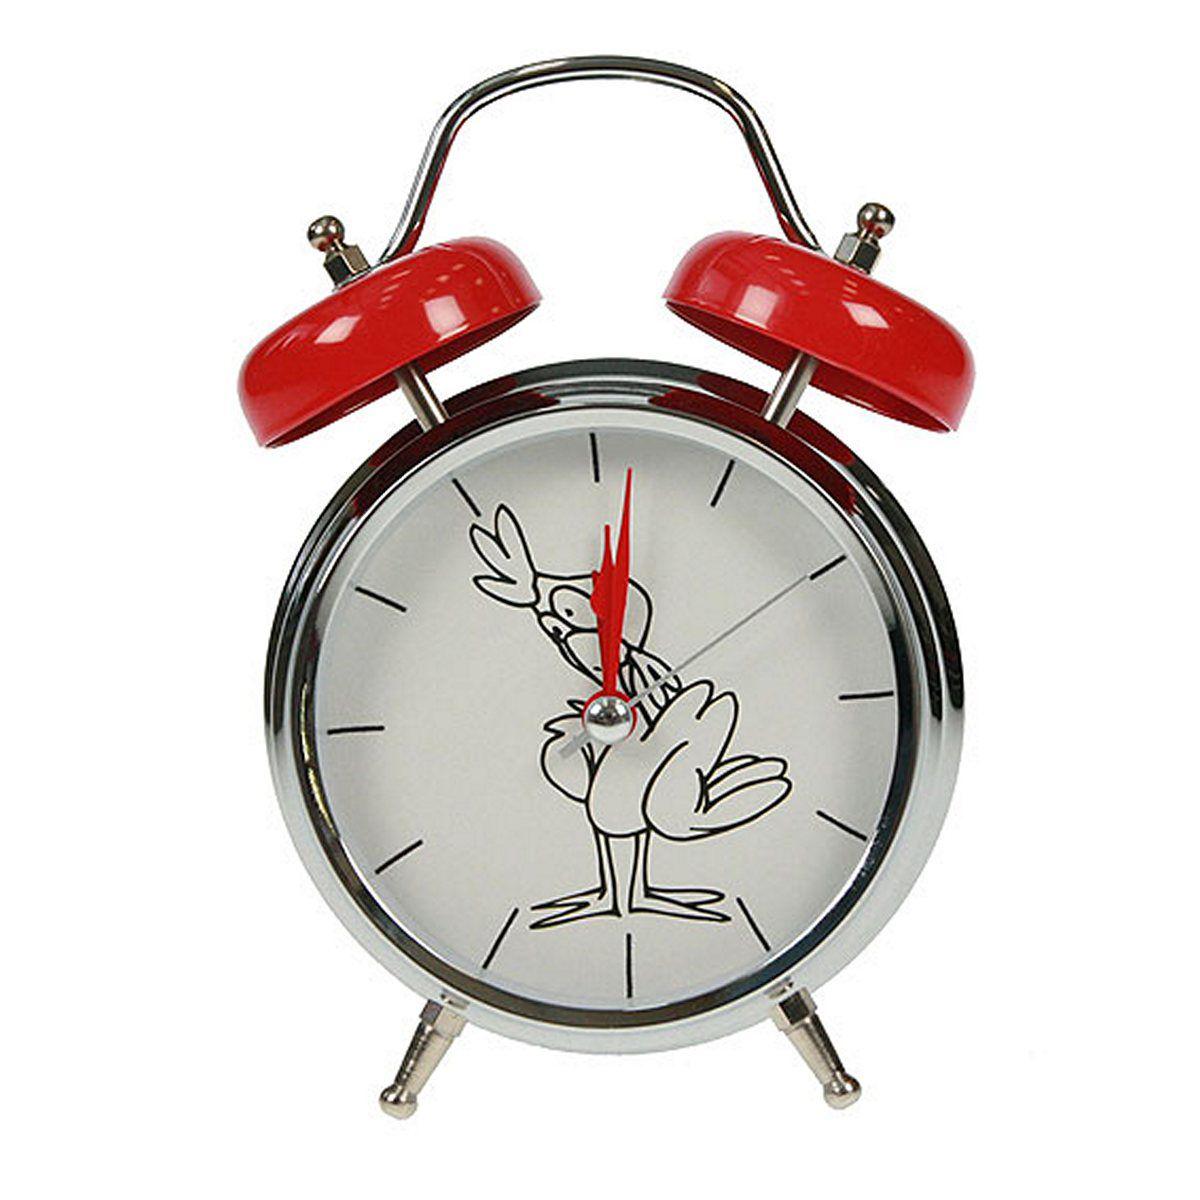 Часы настольные Русские Подарки Петух, с функцией будильника, 12 х 6 х 17 см. 23241359421Настольные кварцевые часы Русские Подарки Петух изготовлены из металла, циферблат защищен стеклом. Оригинальное оформление в виде смешного петуха поднимет настроение, а благодаря функции будильника вы проснетесь вовремя. Часы имеют три стрелки - часовую, минутную и секундную.Такие часы украсят интерьер дома или рабочий стол в офисе. Также часы могут стать уникальным, полезным подарком для родственников, коллег, знакомых и близких.Часы работают от батареек типа АА (в комплект не входят).